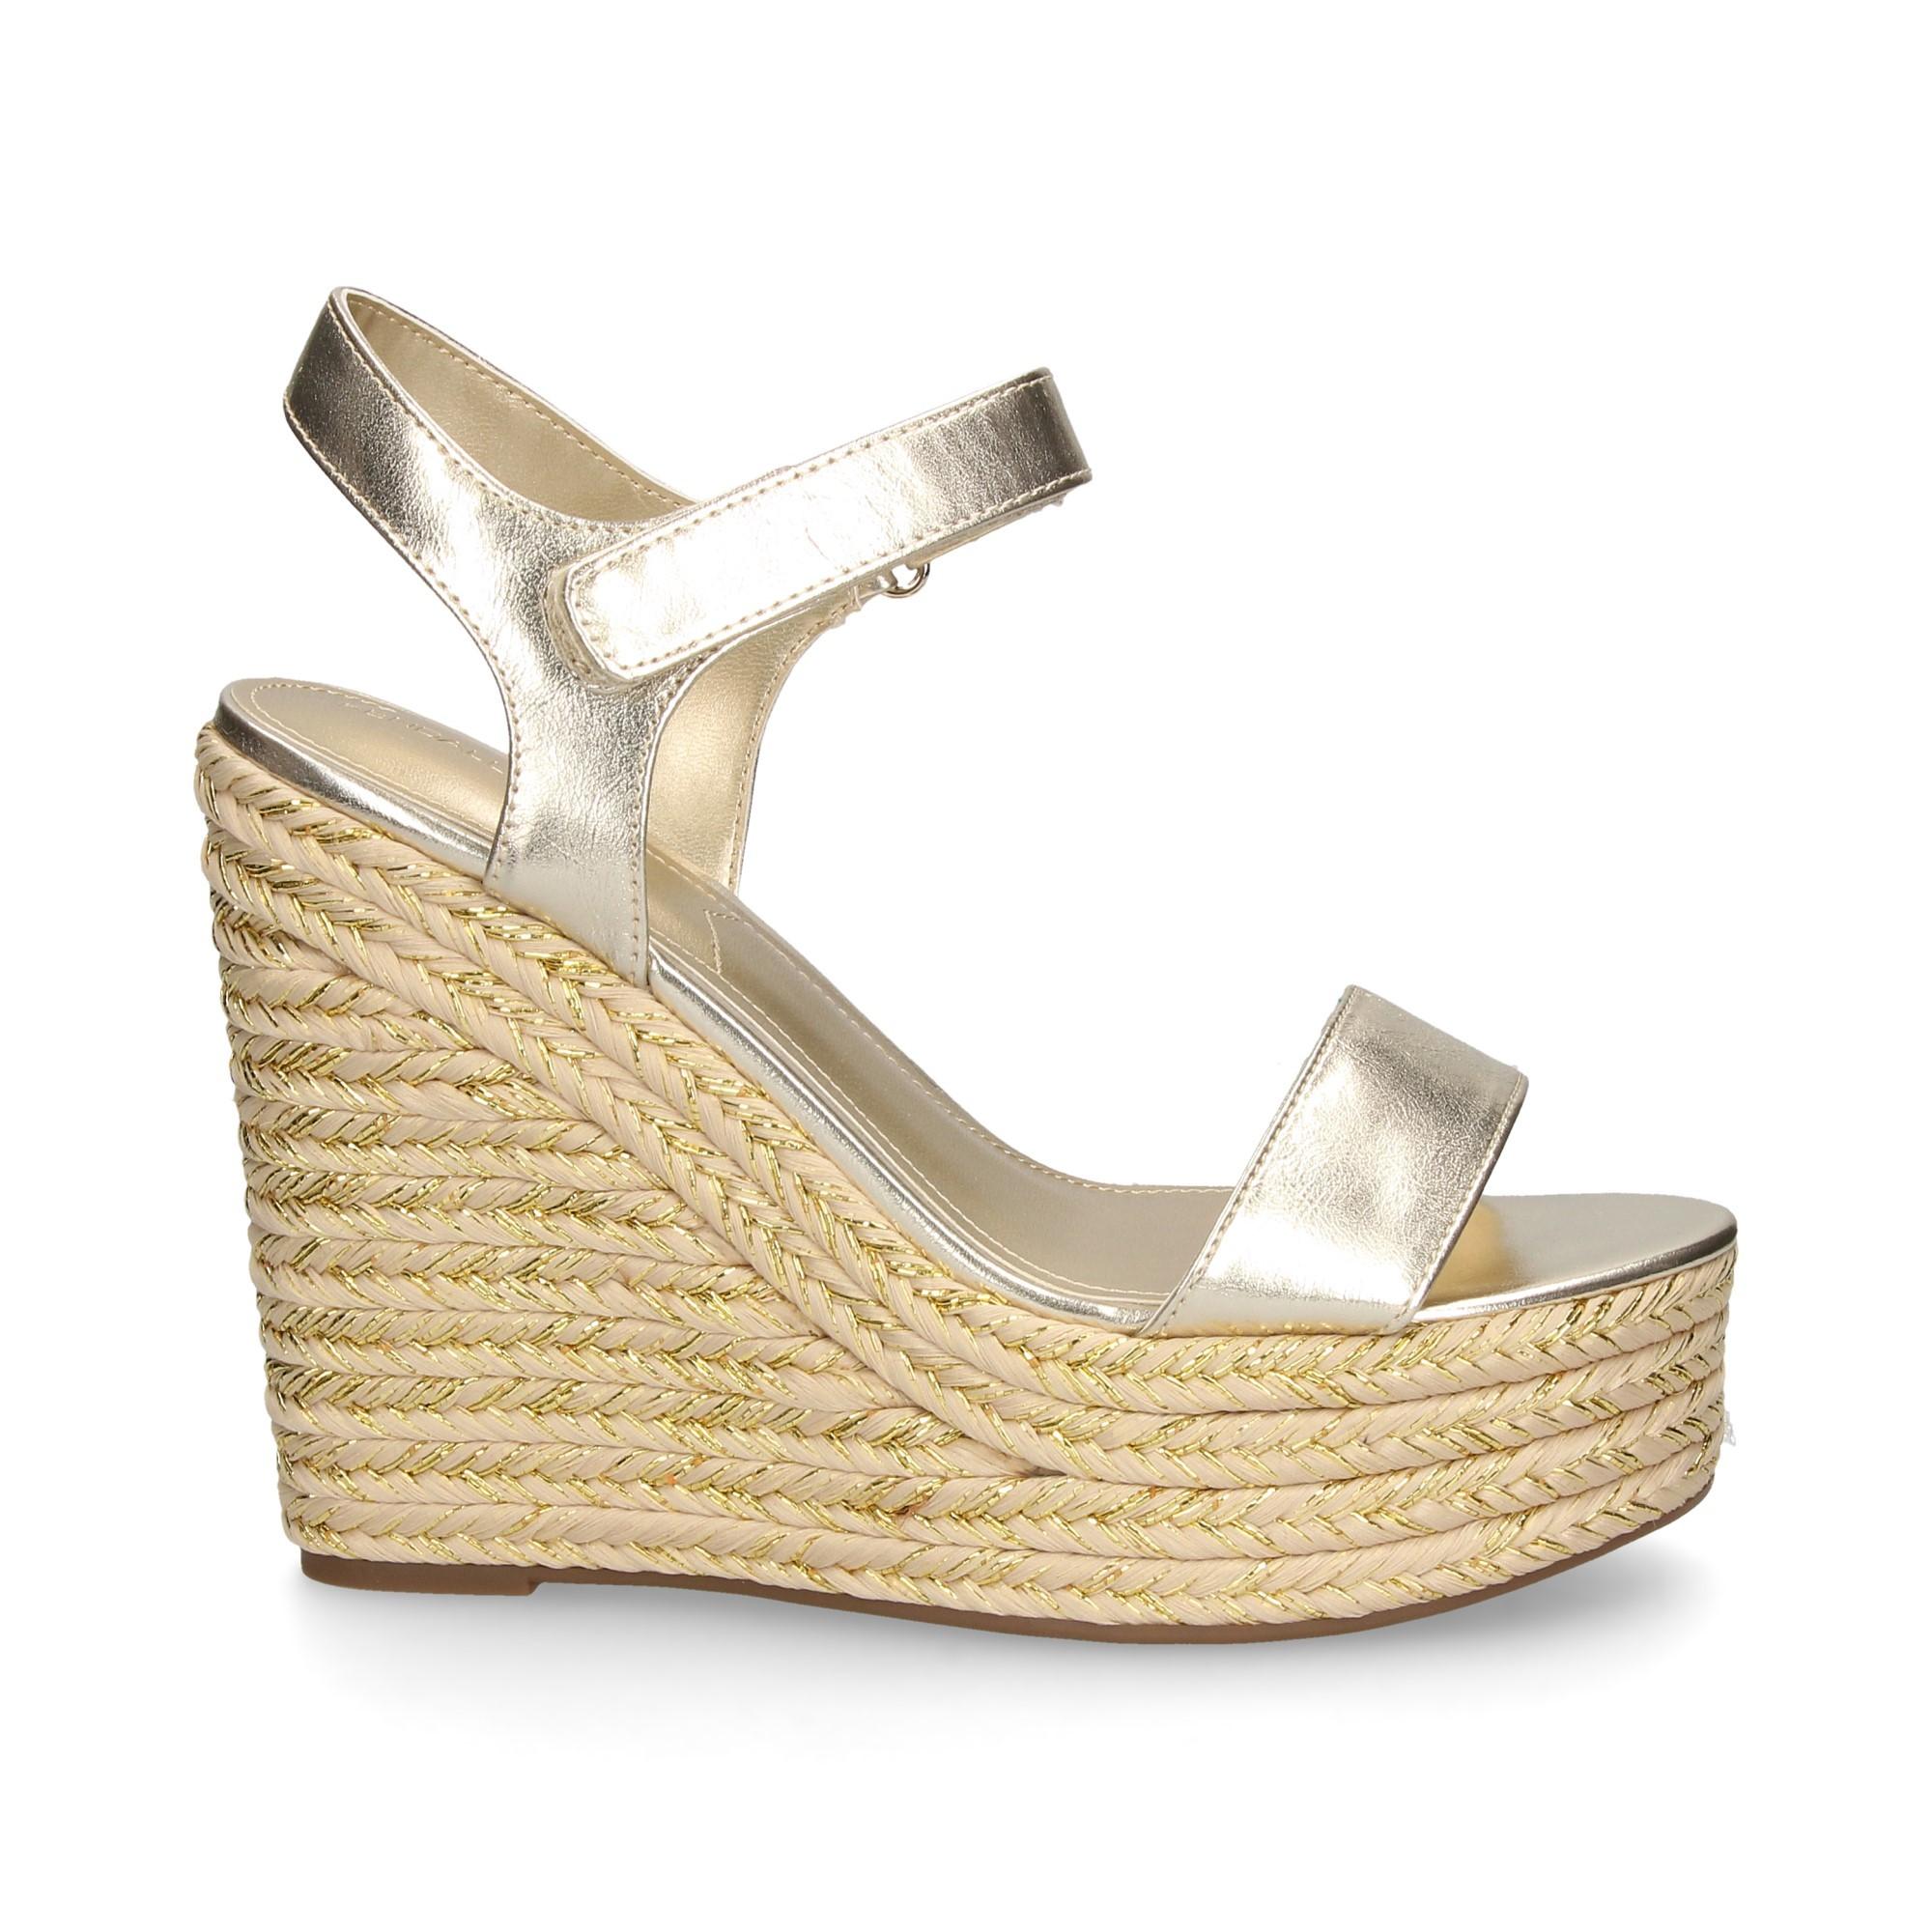 d659e4fe1d KENDALL+KYLIE Women's wedge sandals KKGRAND 11 PLATINO